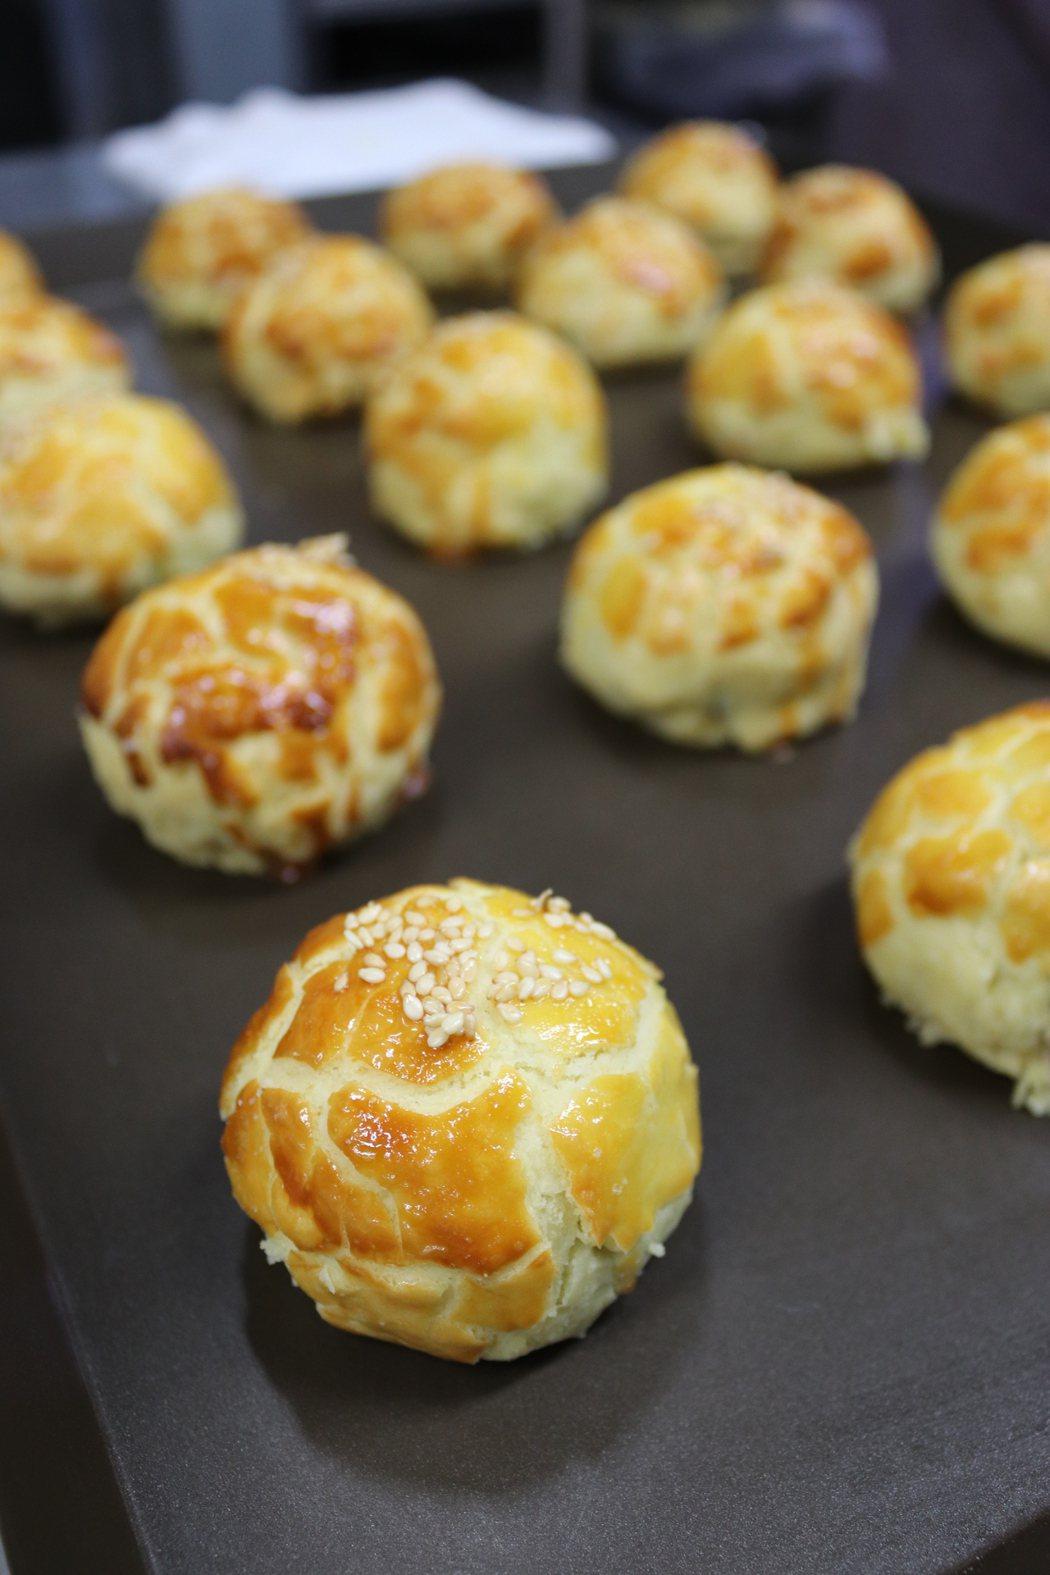 簡沛恩攜手冠軍主廚楊嘉明推出的「港式菠蘿蛋黃酥」。圖/楊嘉明烘焙所提供